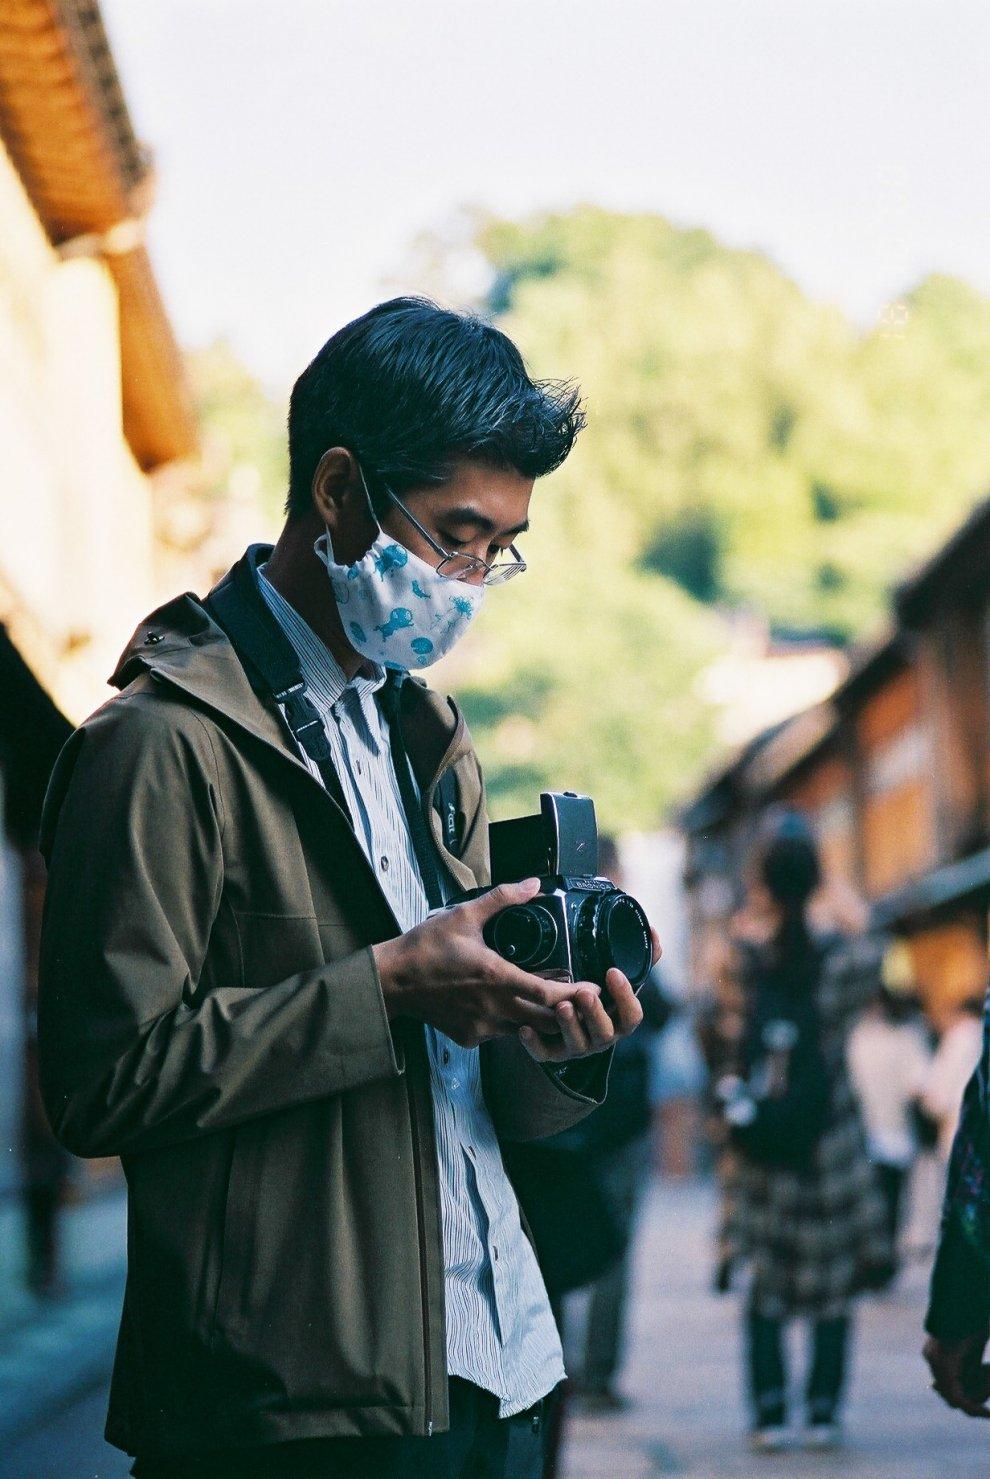 Carl Zeiss Sonnar T* 90mm F2.8 (G) 作例 薄明さんとひがし茶屋街にスナップ撮りに行った時の写真